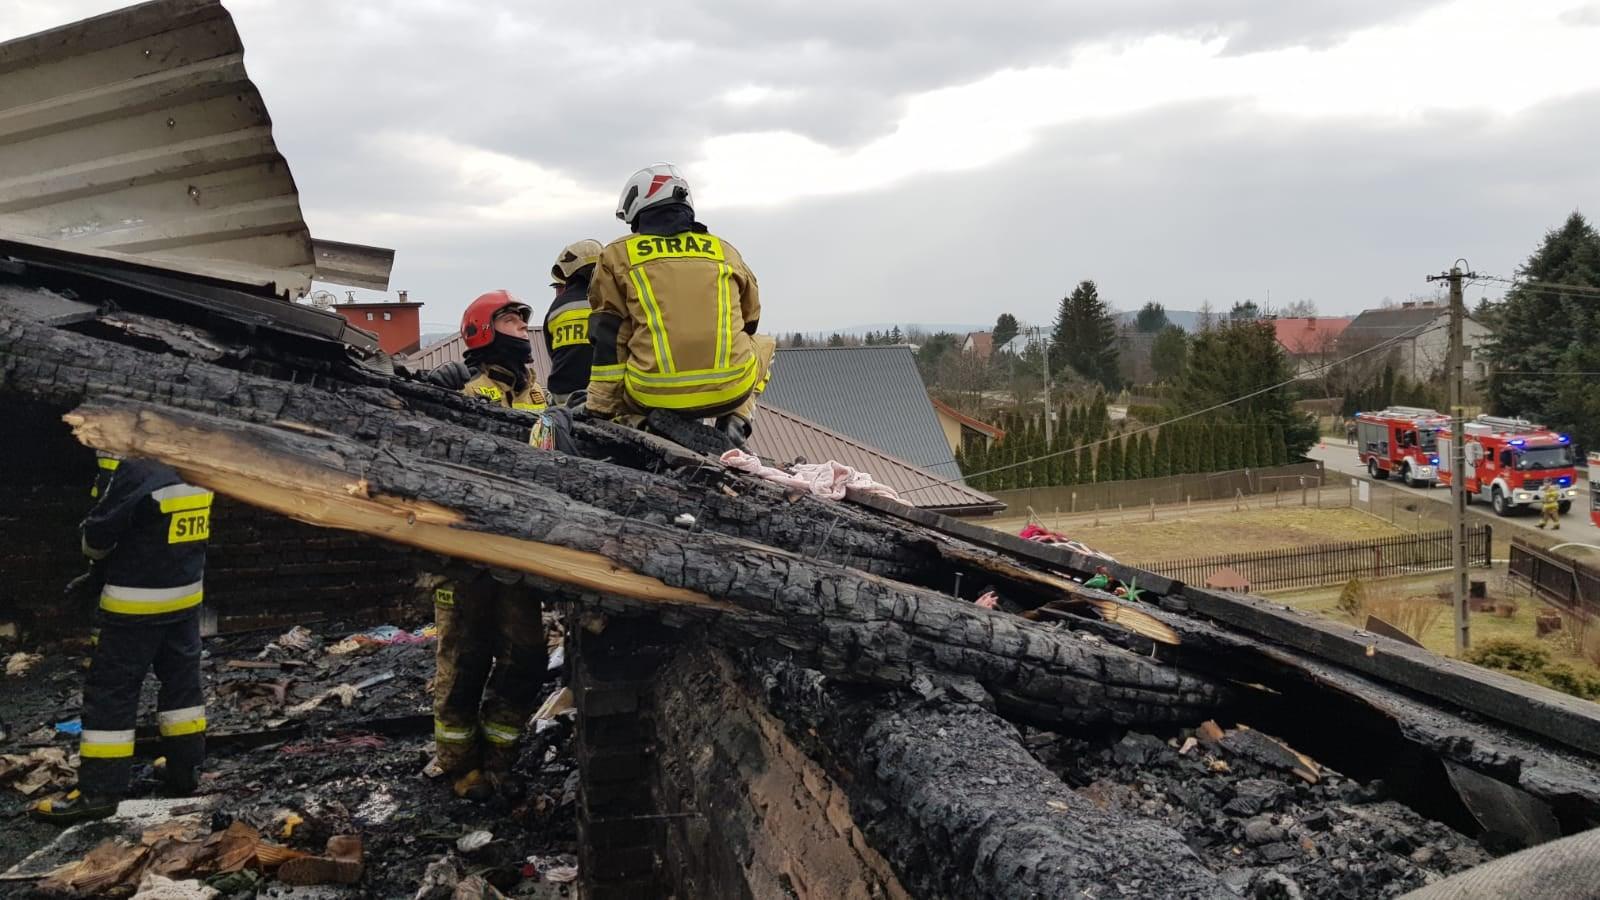 Podkarpacie: Pożar zniszczył ich dom. Proszą o pomoc [ZDJĘCIA] - Zdjęcie główne